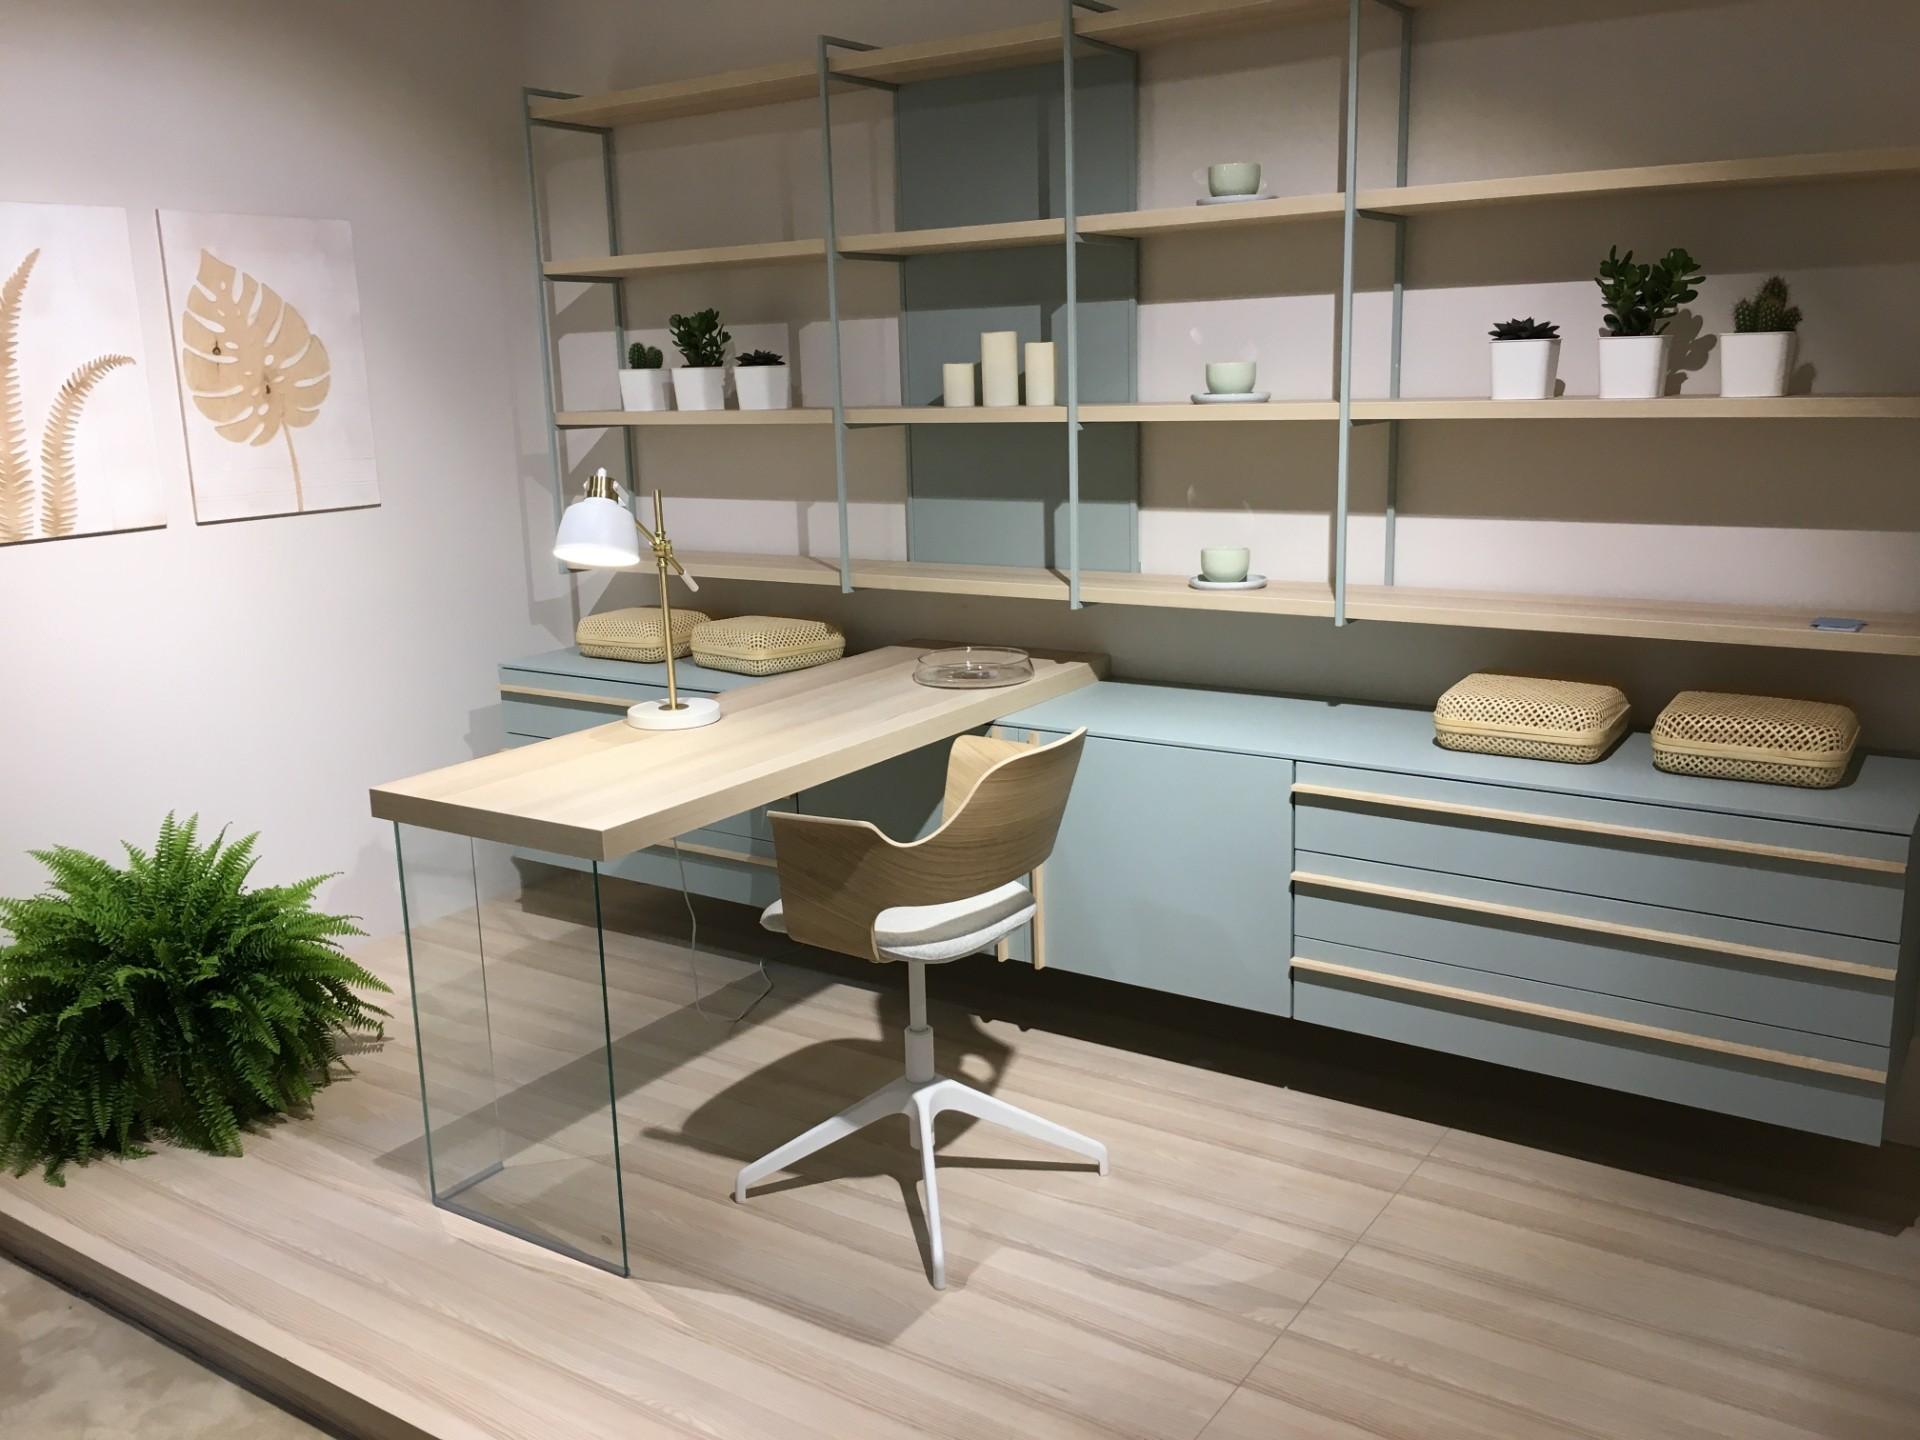 feria-habitat-valencia-2018-interiorismo-interiores-mobiliario-muebles-11